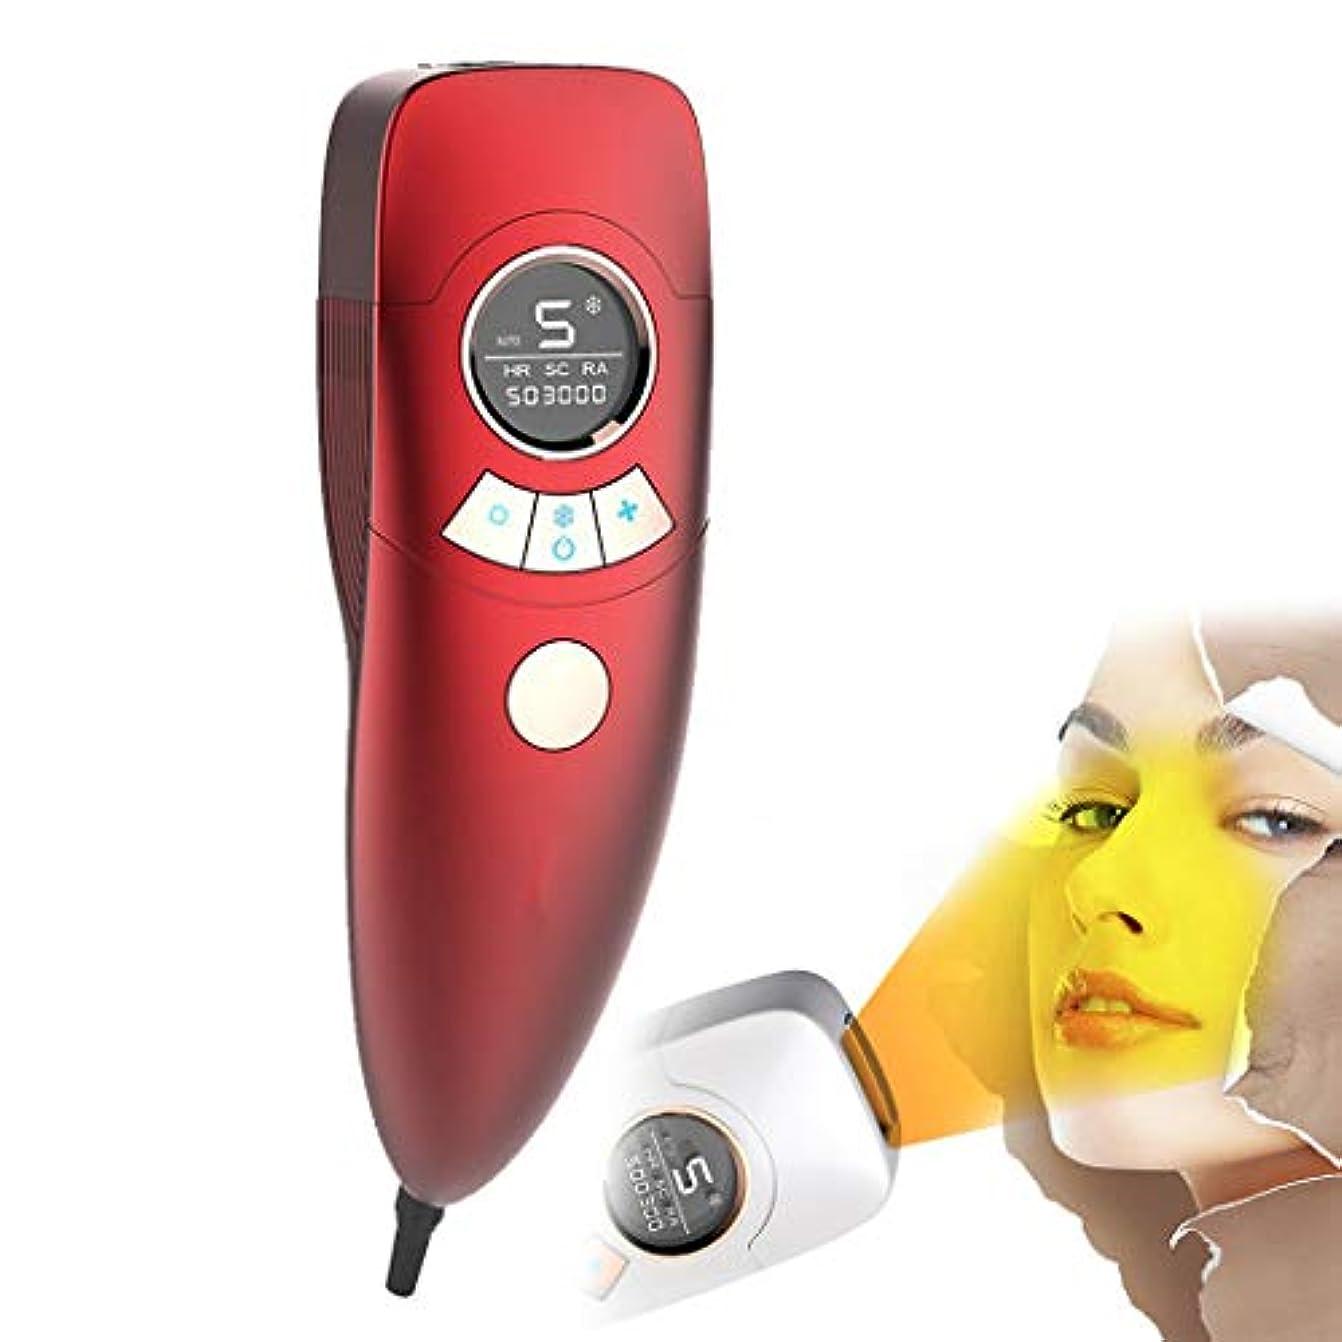 リラックスラリーハント電気脱毛装置は痛みがありません女性4で1充電式電気脱毛器の髪、ビキニエリア鼻脇の下腕の脚の痛みのない永久的な体毛リムーバー-red